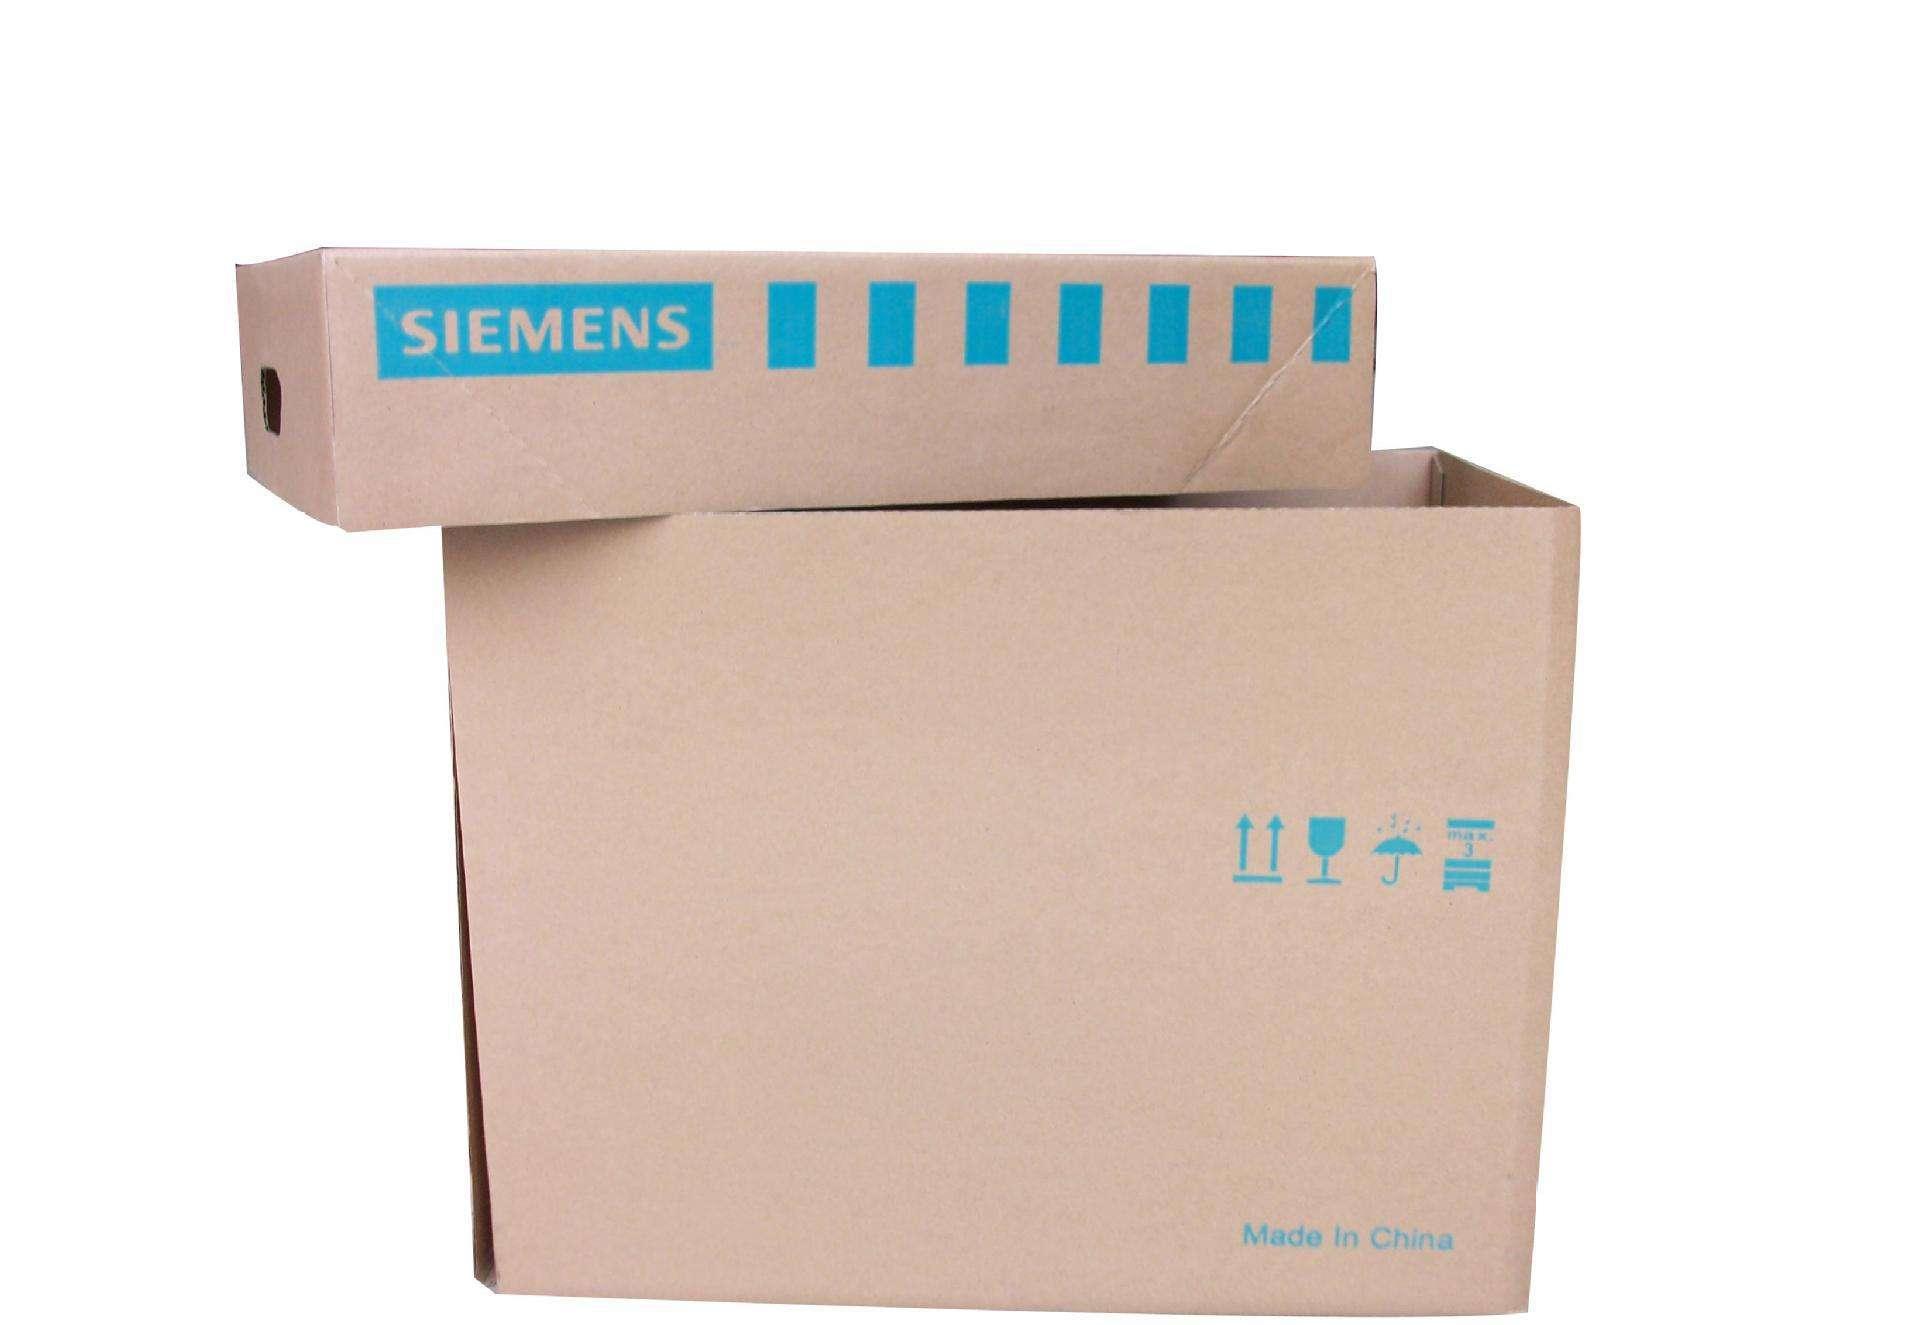 宁夏五金配件纸箱如何挑选-上海市质量好的搬家专用纸箱厂家